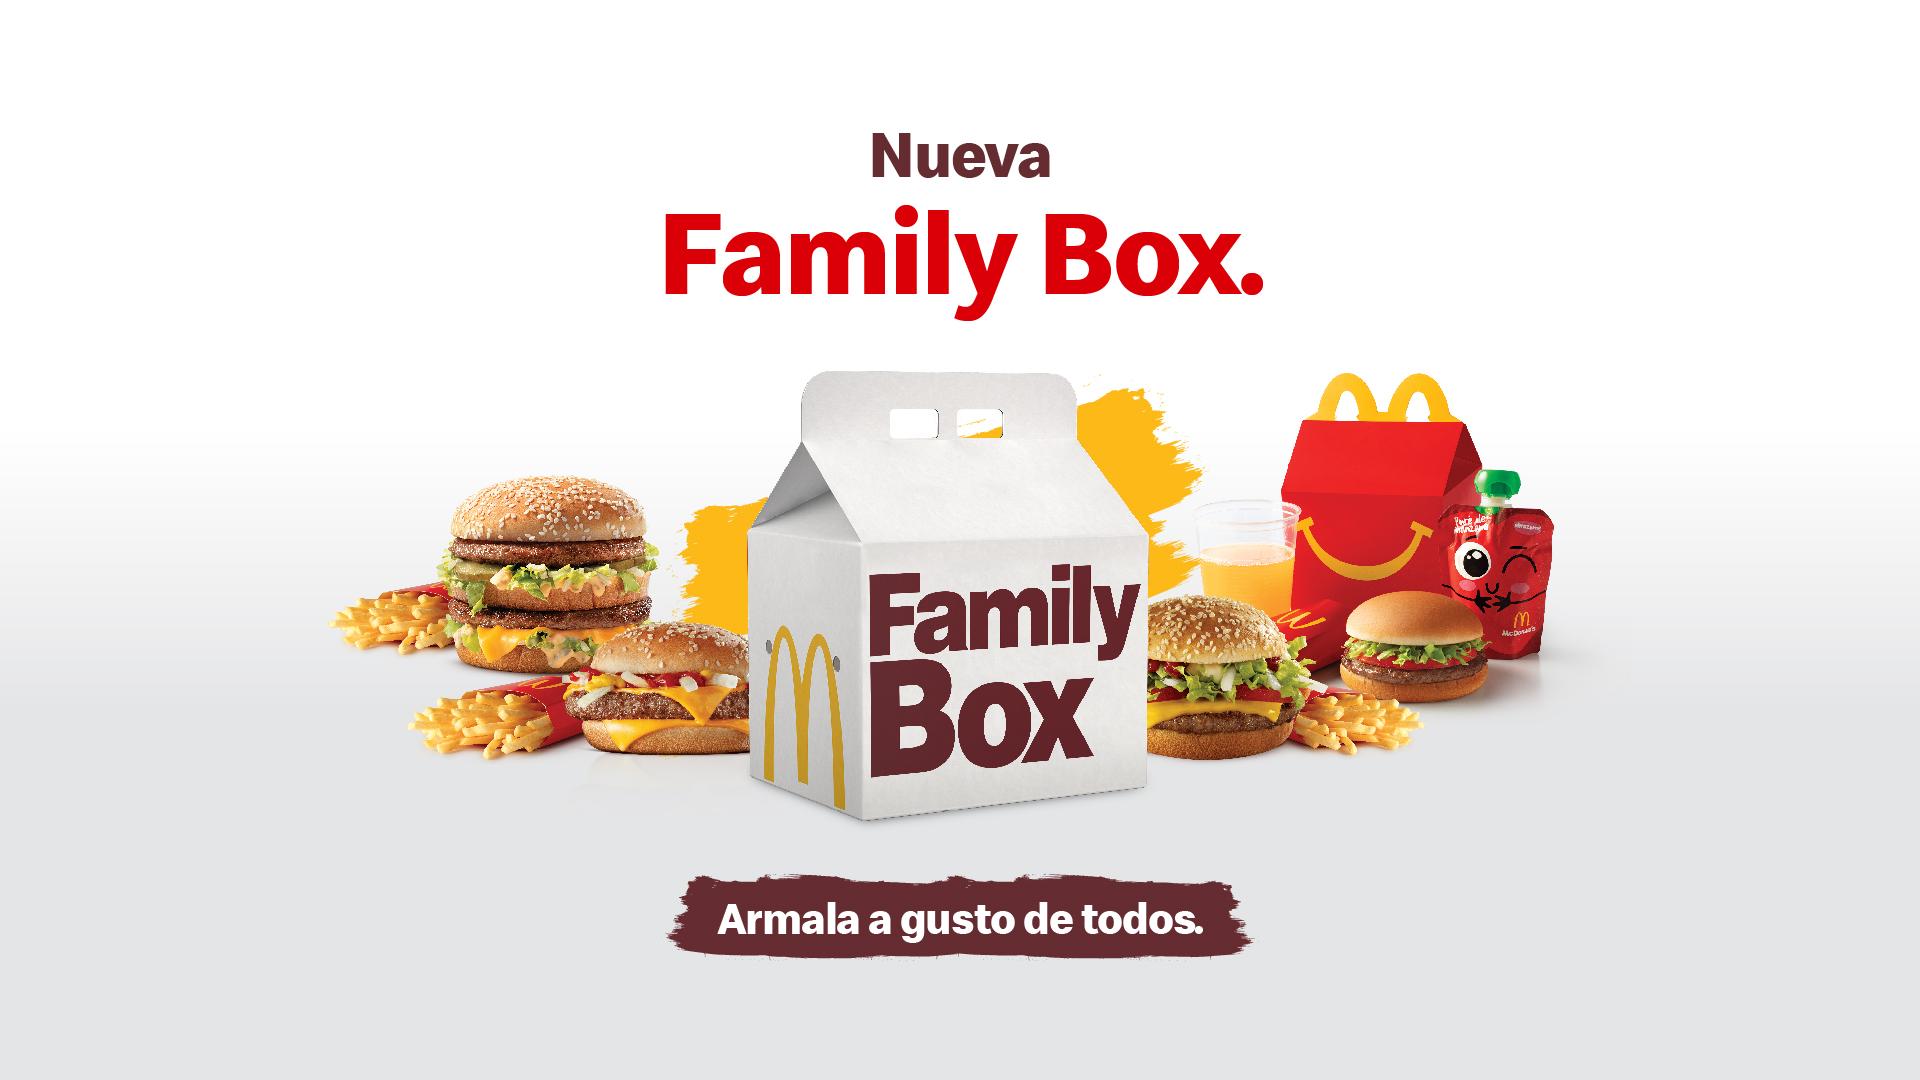 [Costa Rica] Family Box de McDonald's llega con variedad de opciones y precios favorables